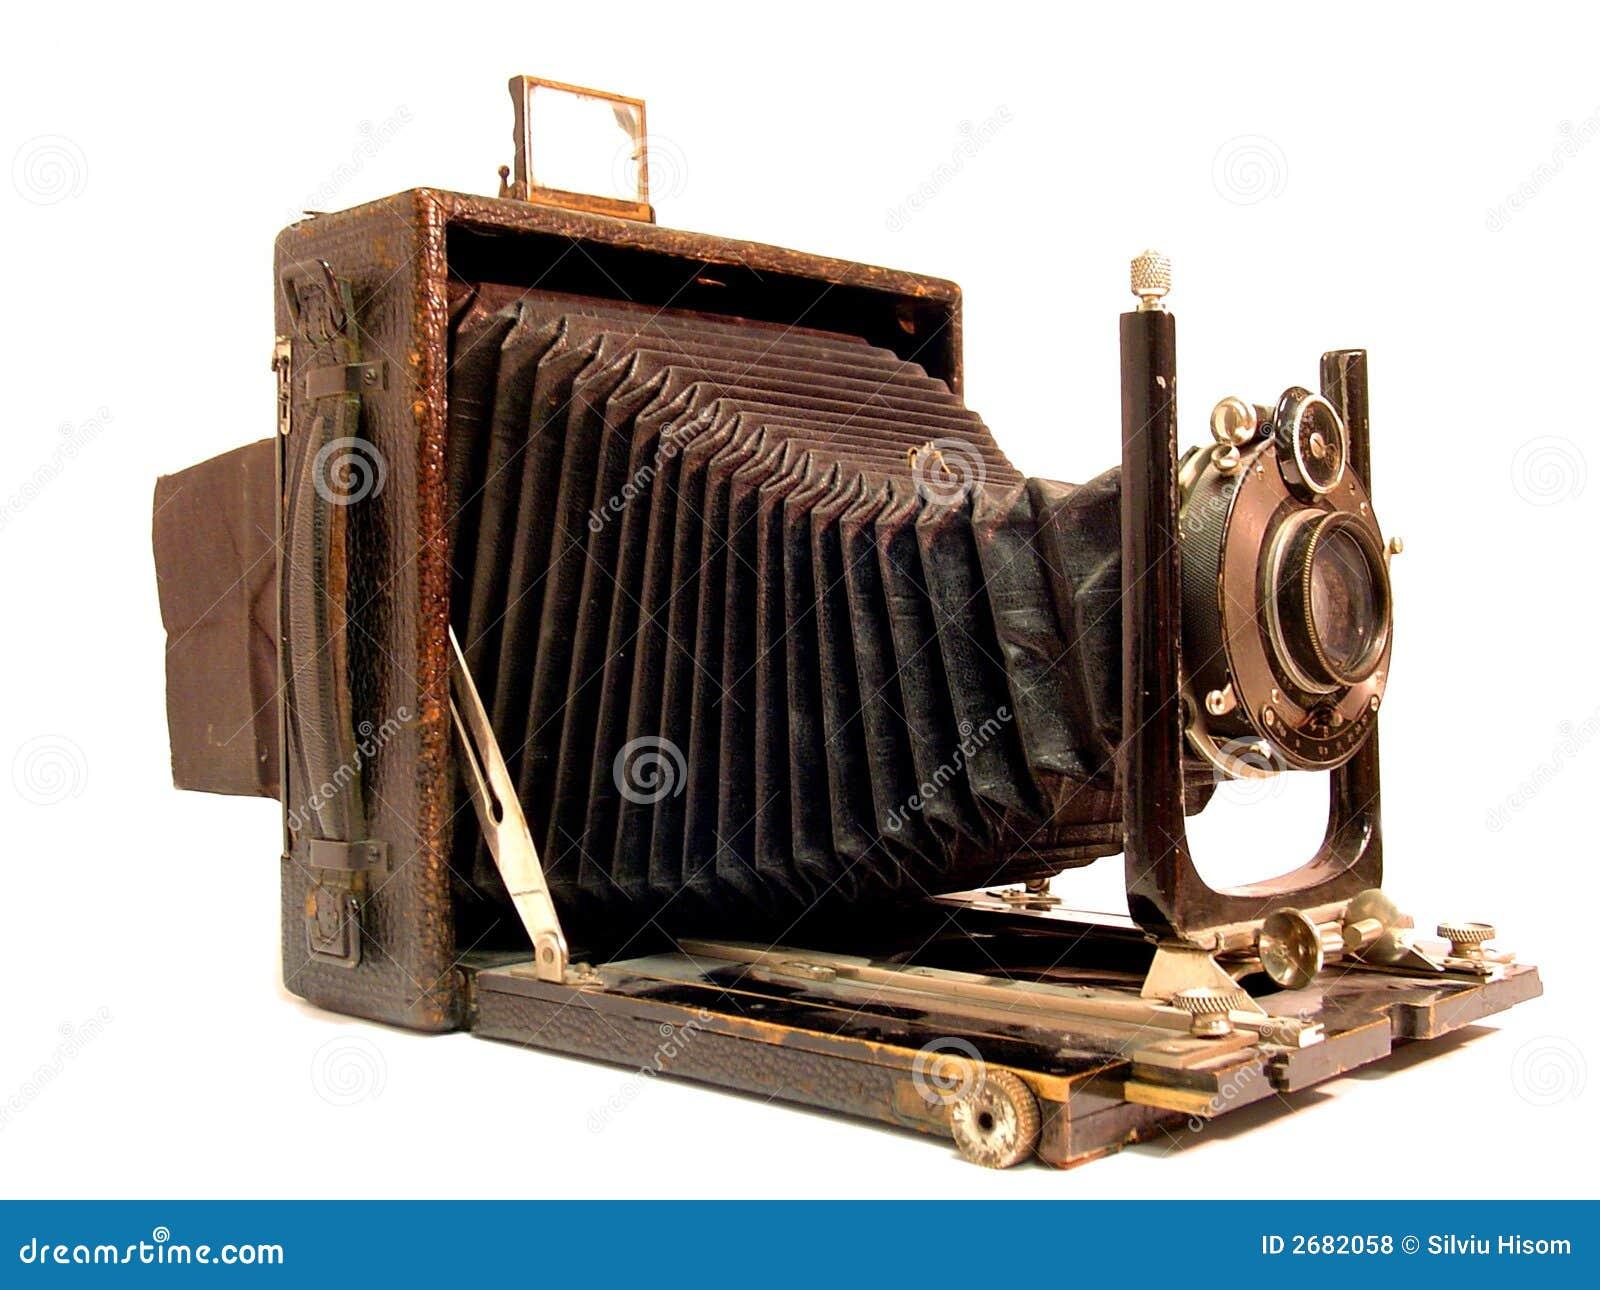 vieil appareil photo de photo photos libres de droits image 2682058. Black Bedroom Furniture Sets. Home Design Ideas